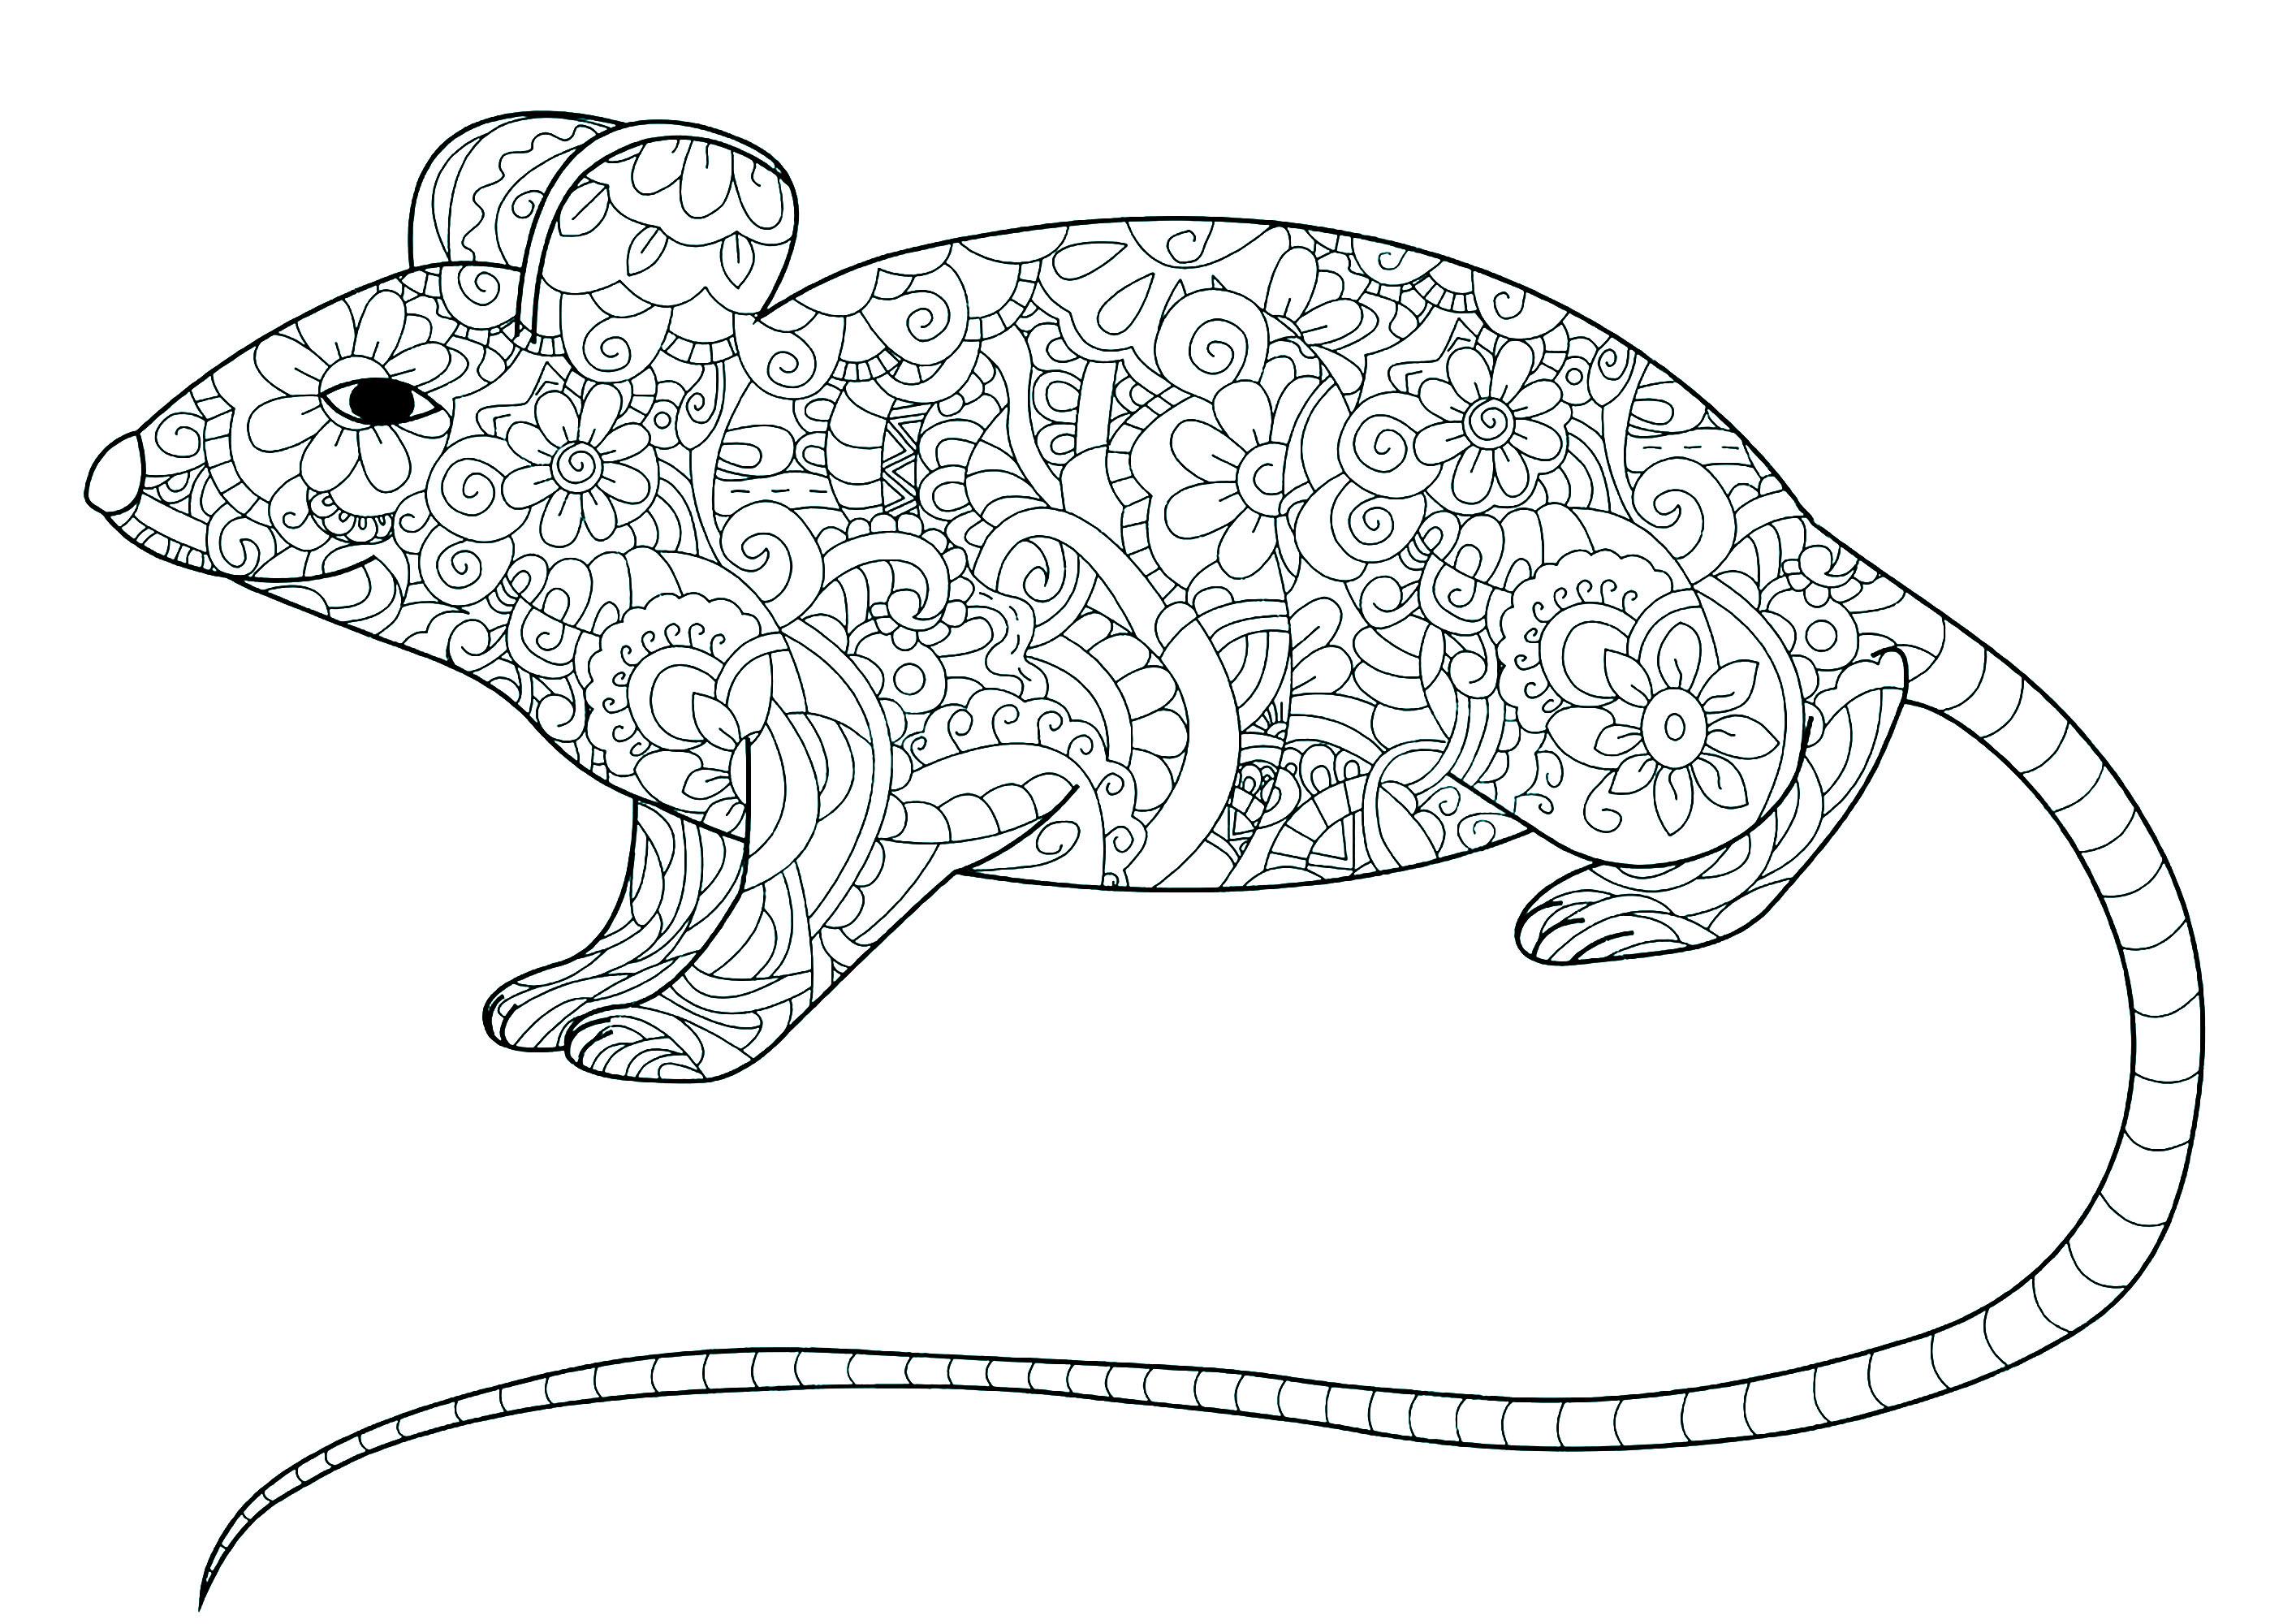 Petite souris remplie de motifs souris coloriages difficiles pour adultes - Dessin petite souris ...